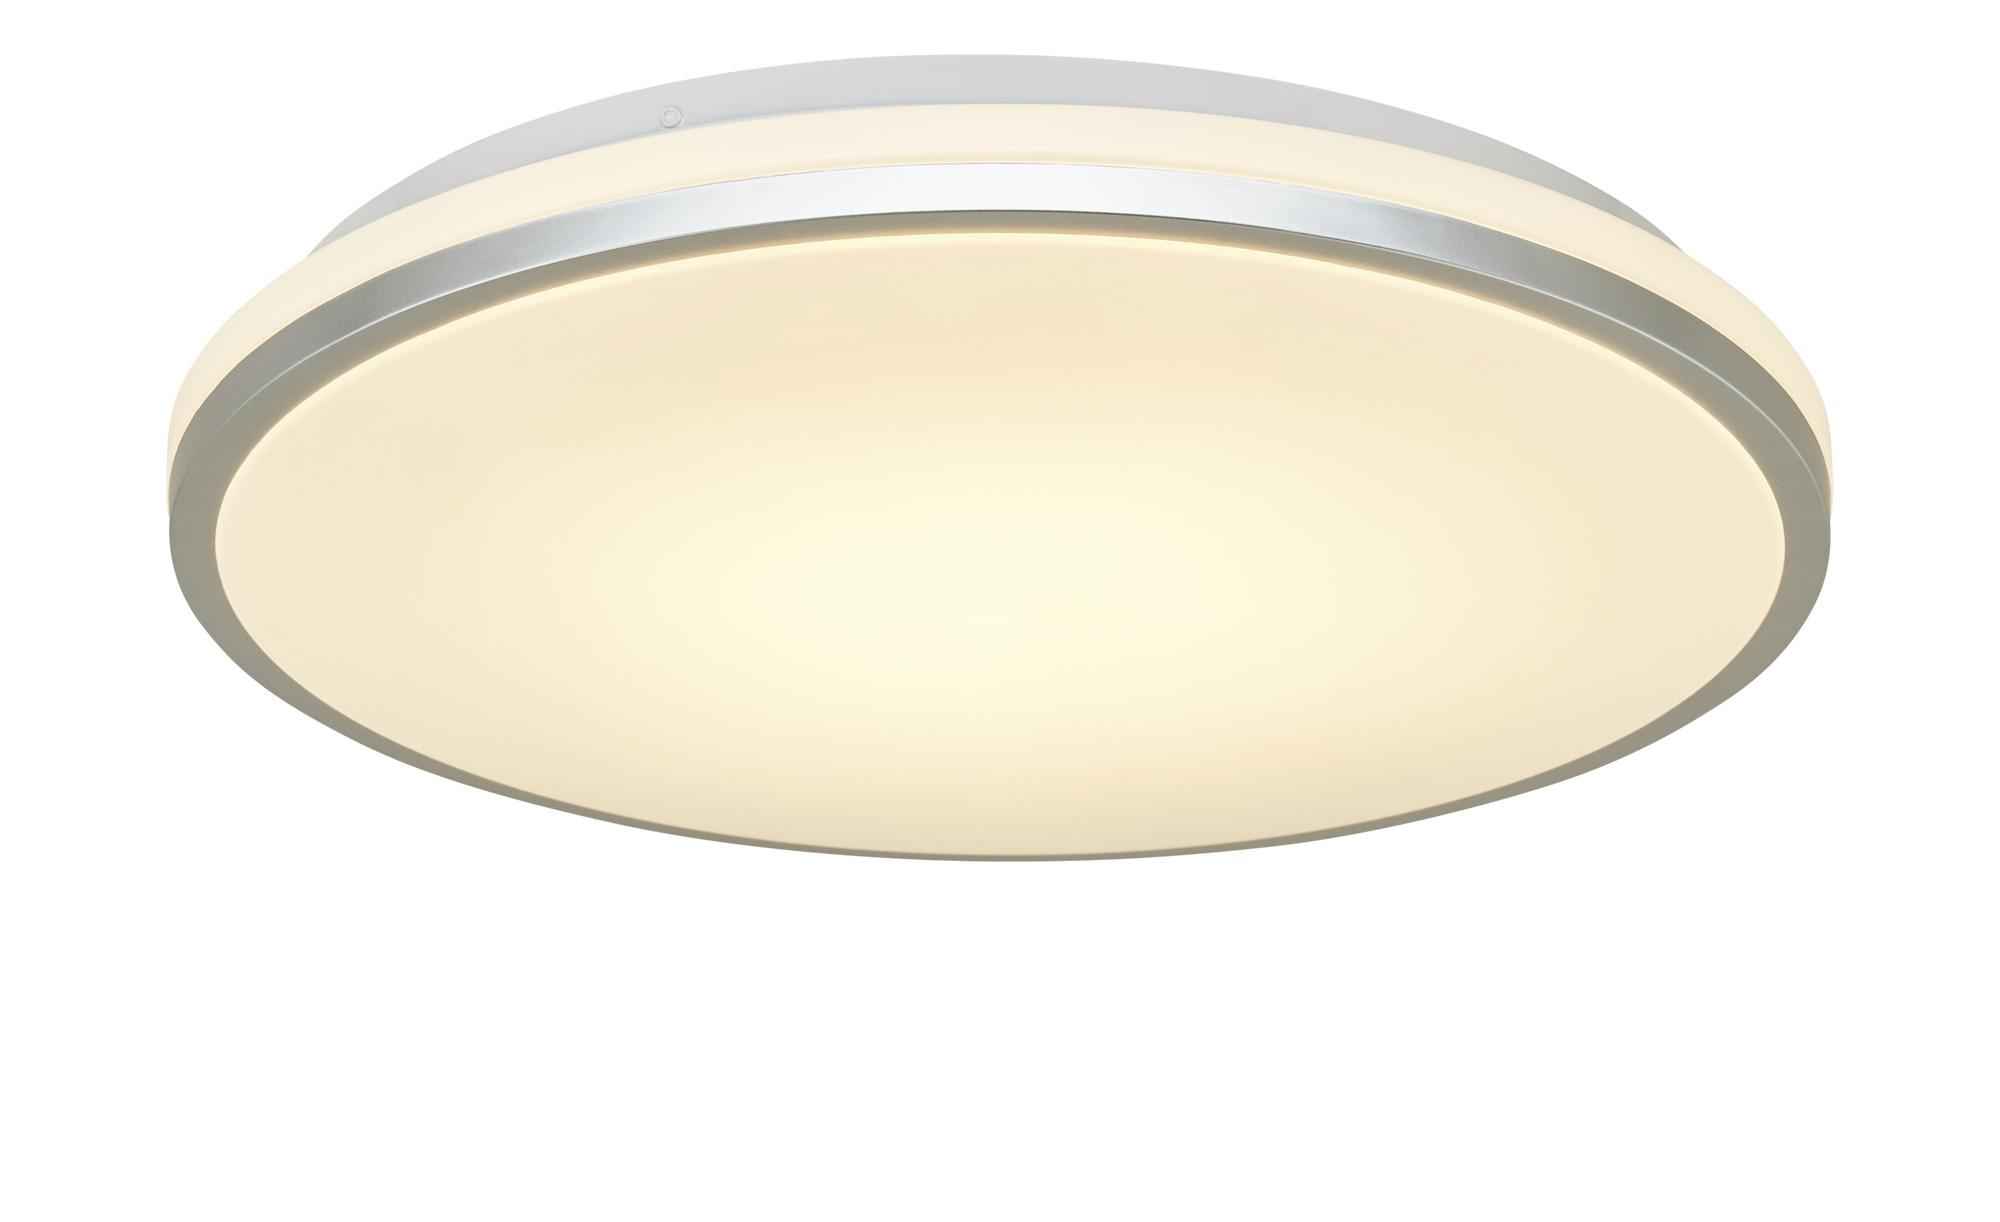 Meisterleuchten LED-Deckenleuchte, weiß ¦ weiß ¦ Maße (cm): H: 7 Ø: 39 Lampen & Leuchten > Innenleuchten > Deckenleuchten - Höffner